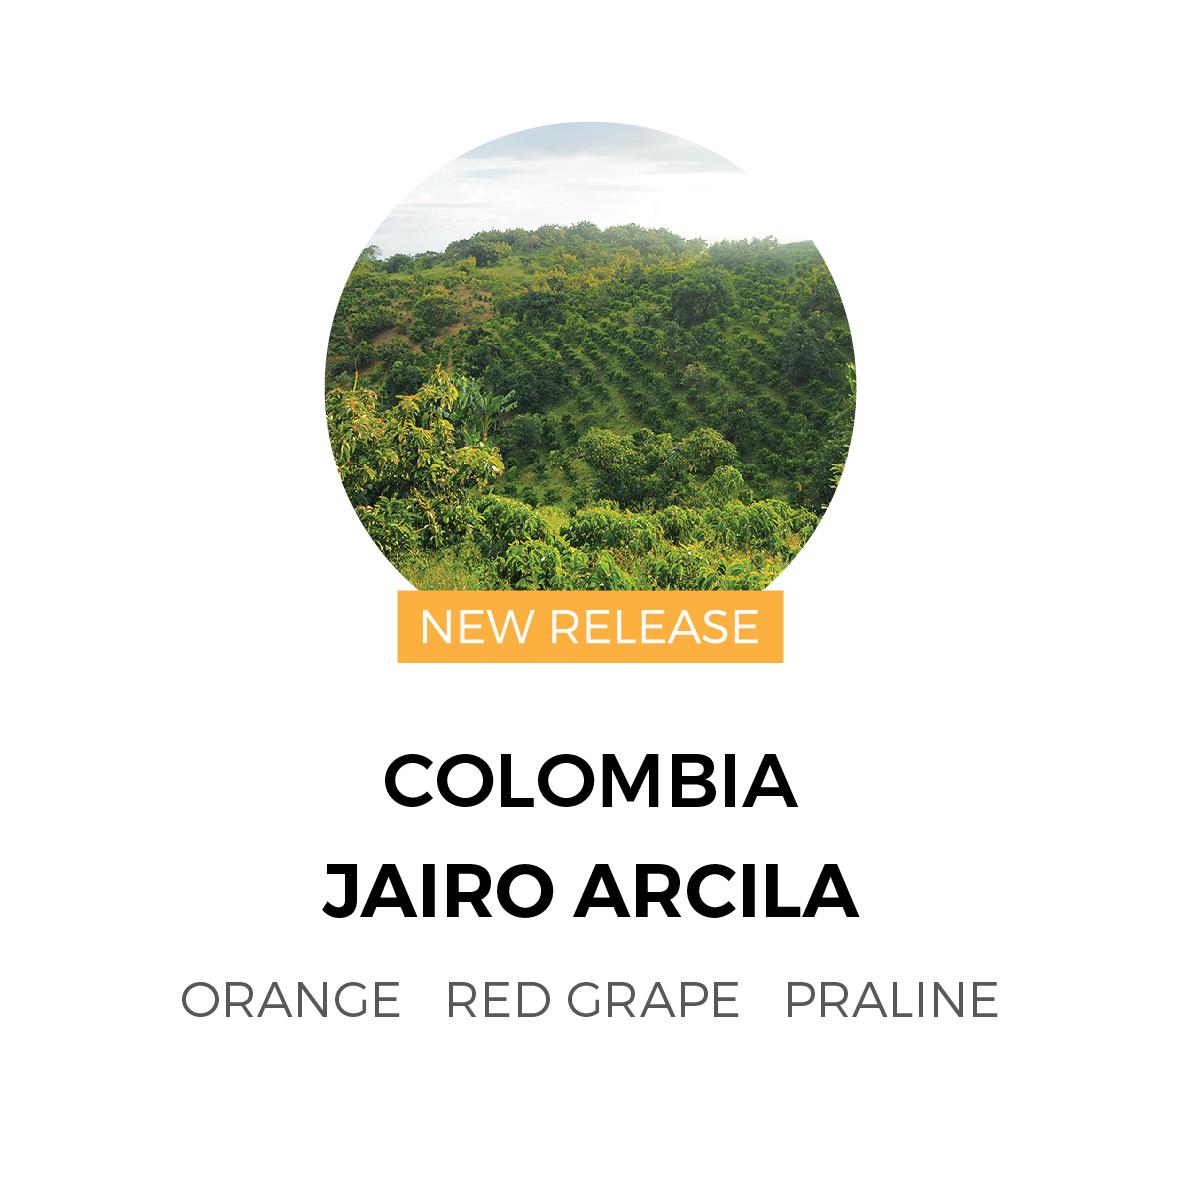 ColombiaJairoArcilaTemplateNewRelease-01.jpg